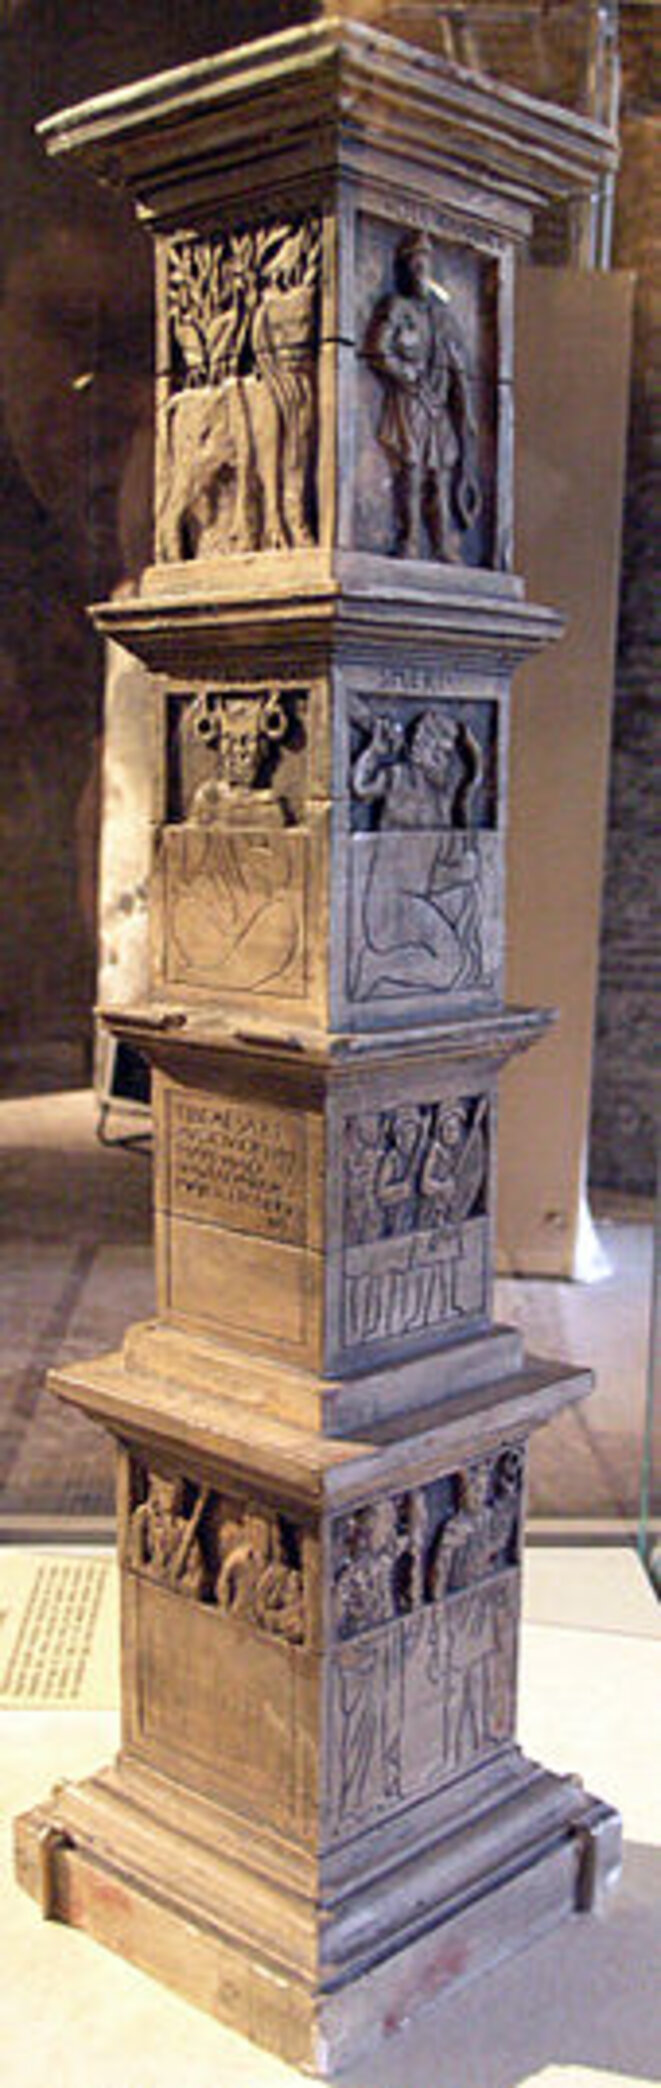 Maquette Pilier des Nautes. Musée Cluny